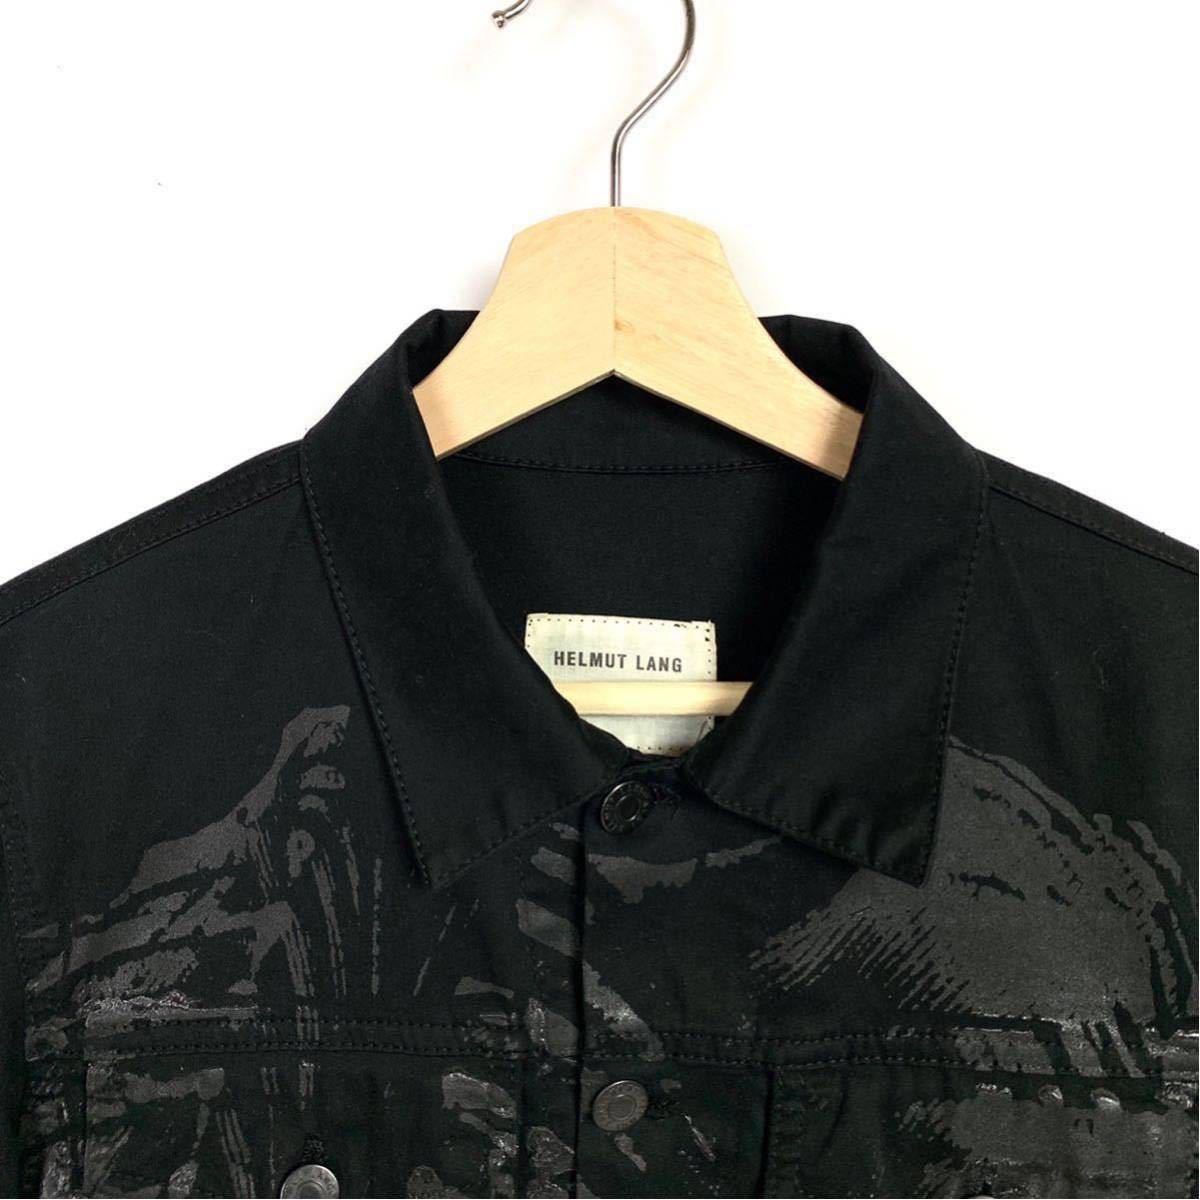 Helmut Lang 初期 ペンキペイント ジャケット コットン ブラック ヘルムートラング イタリア製 本人期 アーカイブ 1円スタート メンズ_画像5